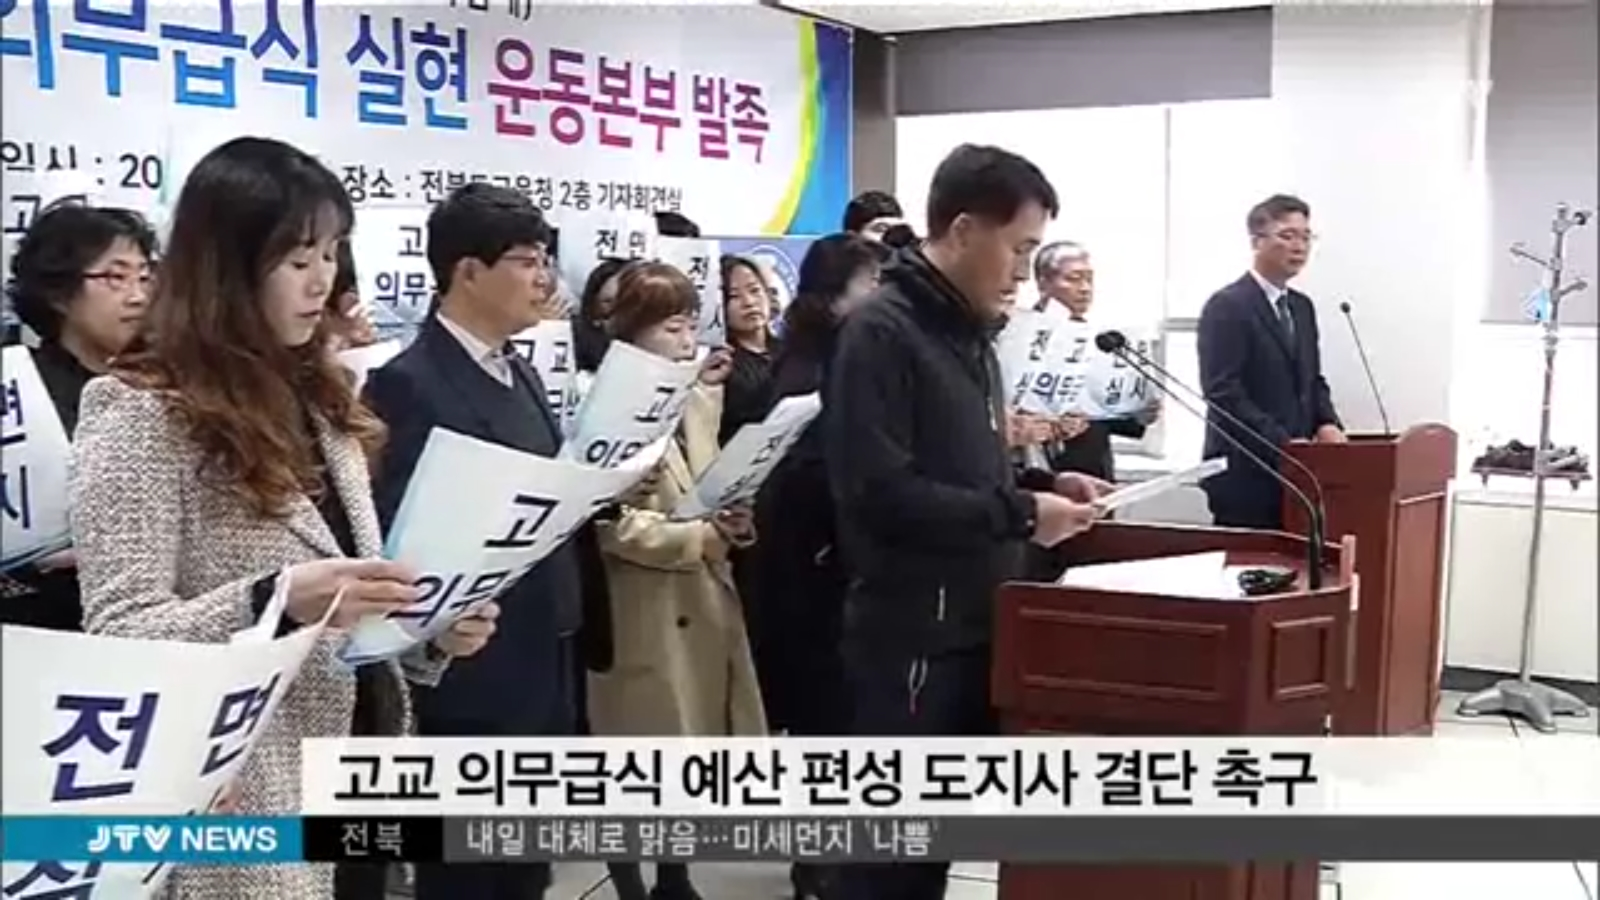 [17.11.10 JTV] 고교 의무급식, 송하진 전북도지사 결단만 남았다.jpg